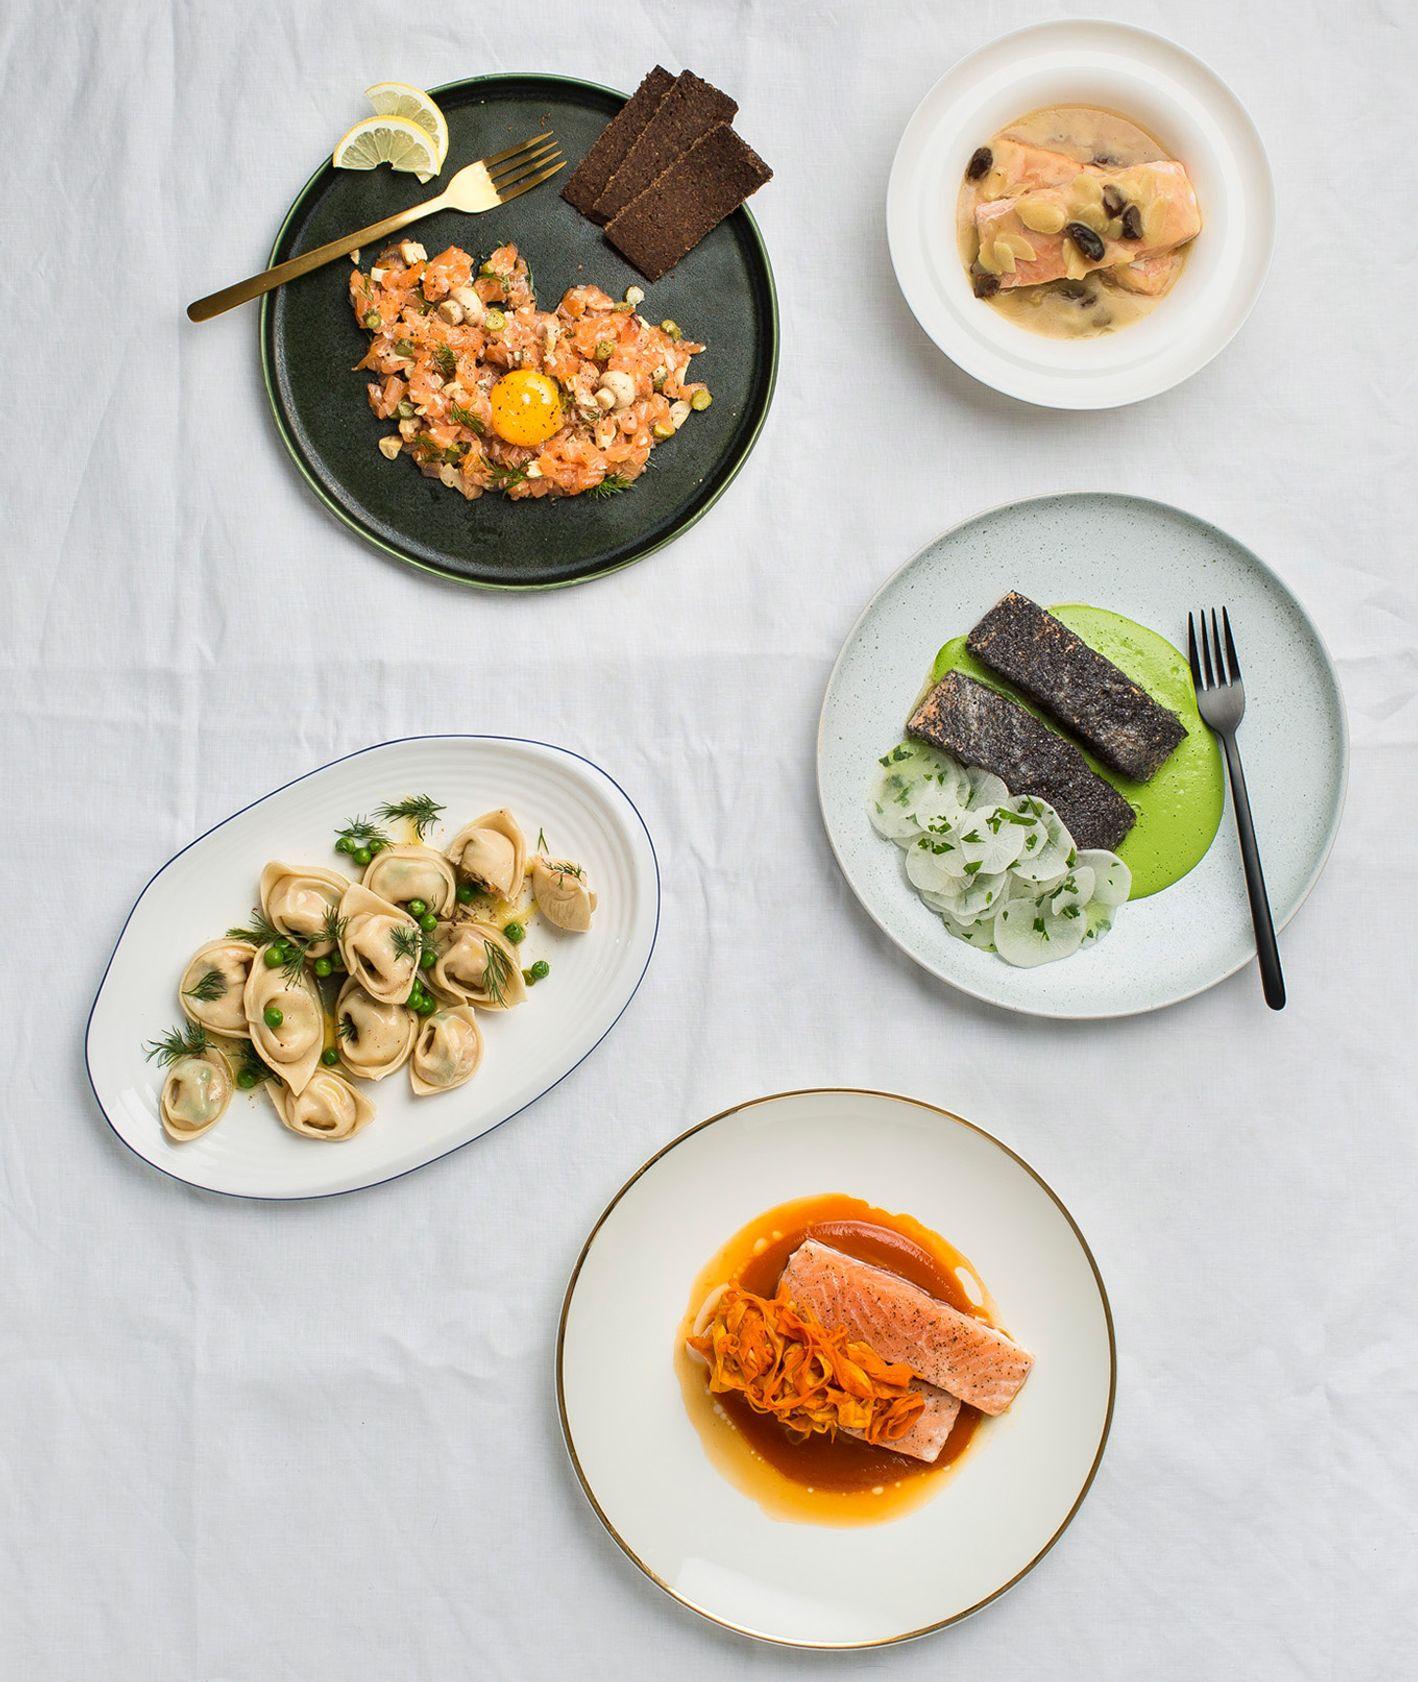 Świąteczny stół zastawiony daniami z łososia (fot. dinner.show Studio)